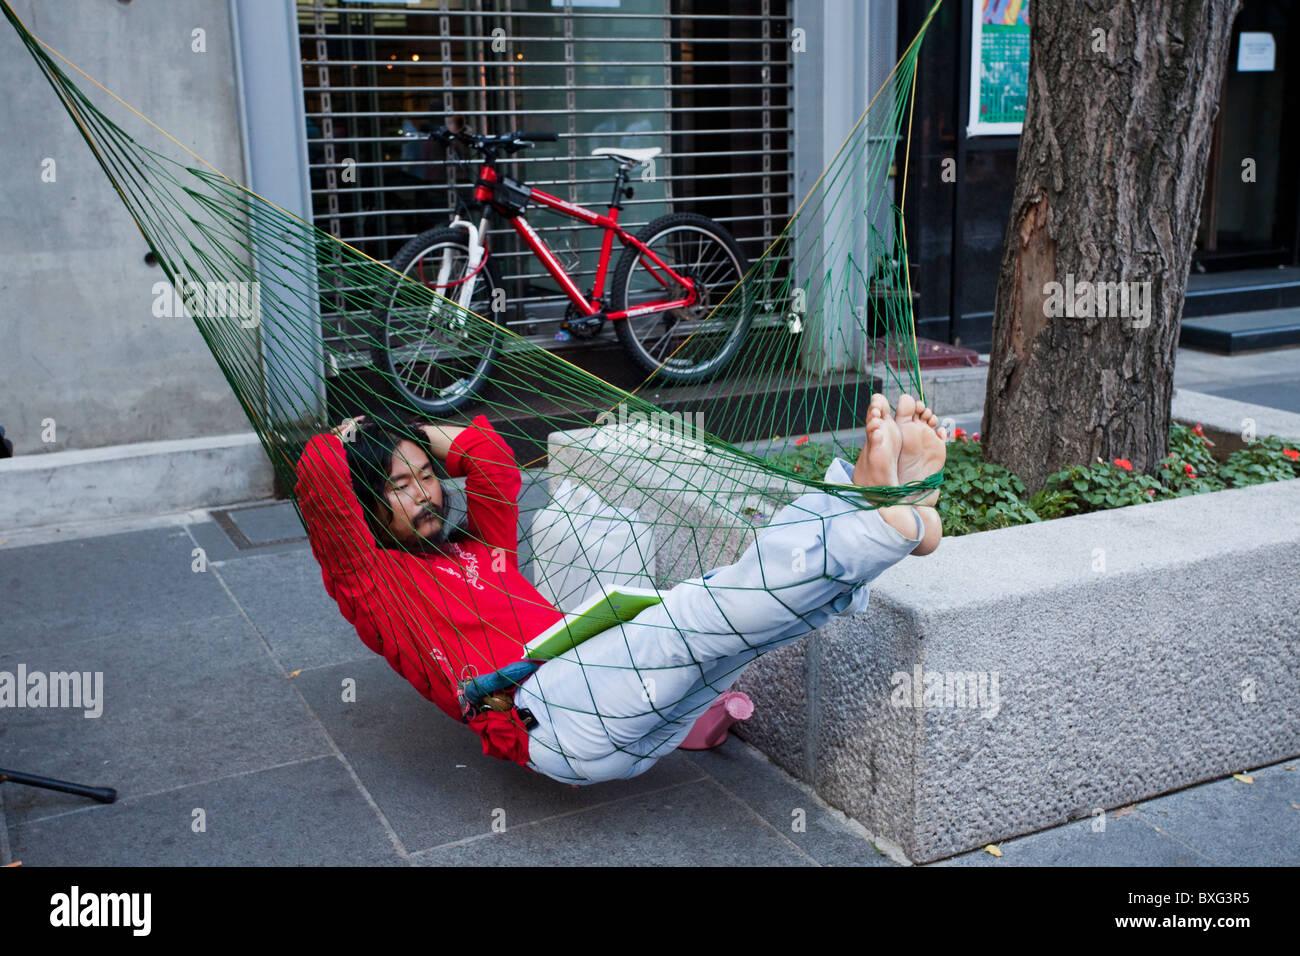 Korea man is reading in a hammock in Seoul's street, Seoul, South Korea - Stock Image